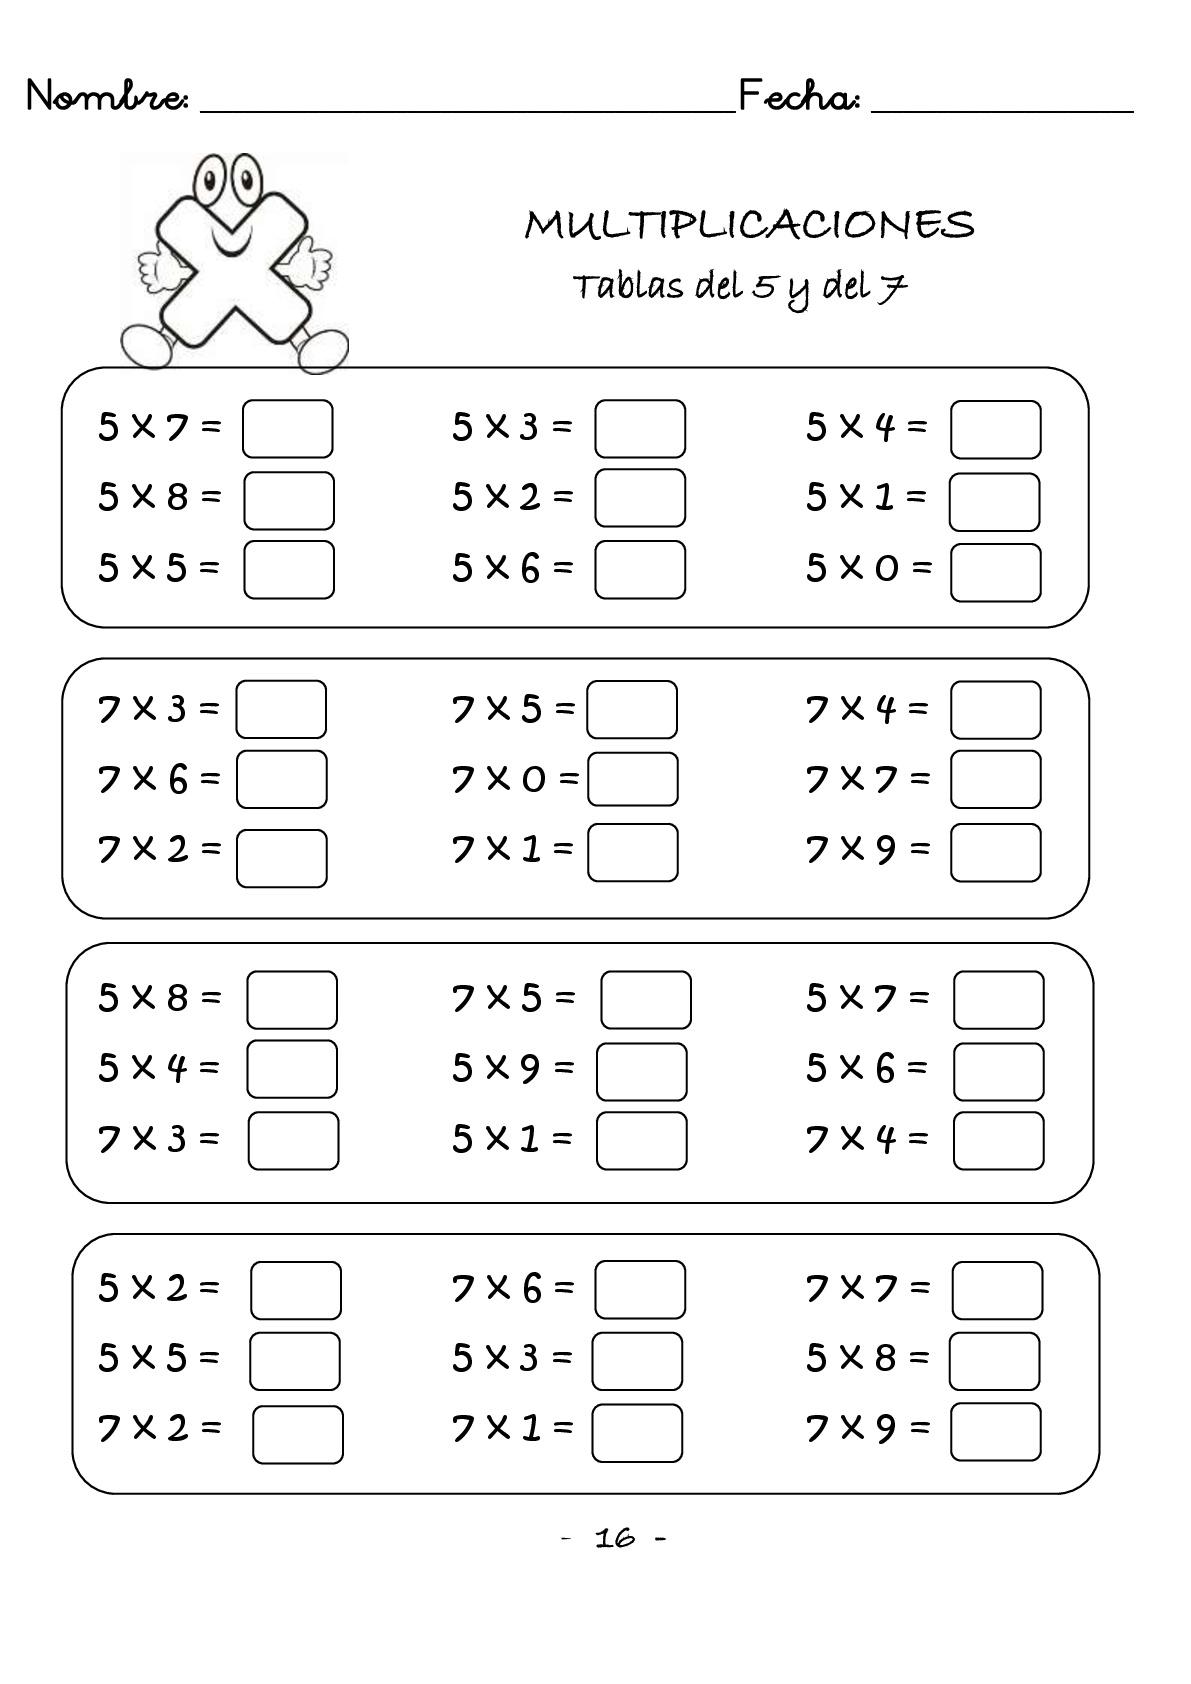 multiplicaciones-rapidas-una-cifra-protegido-017